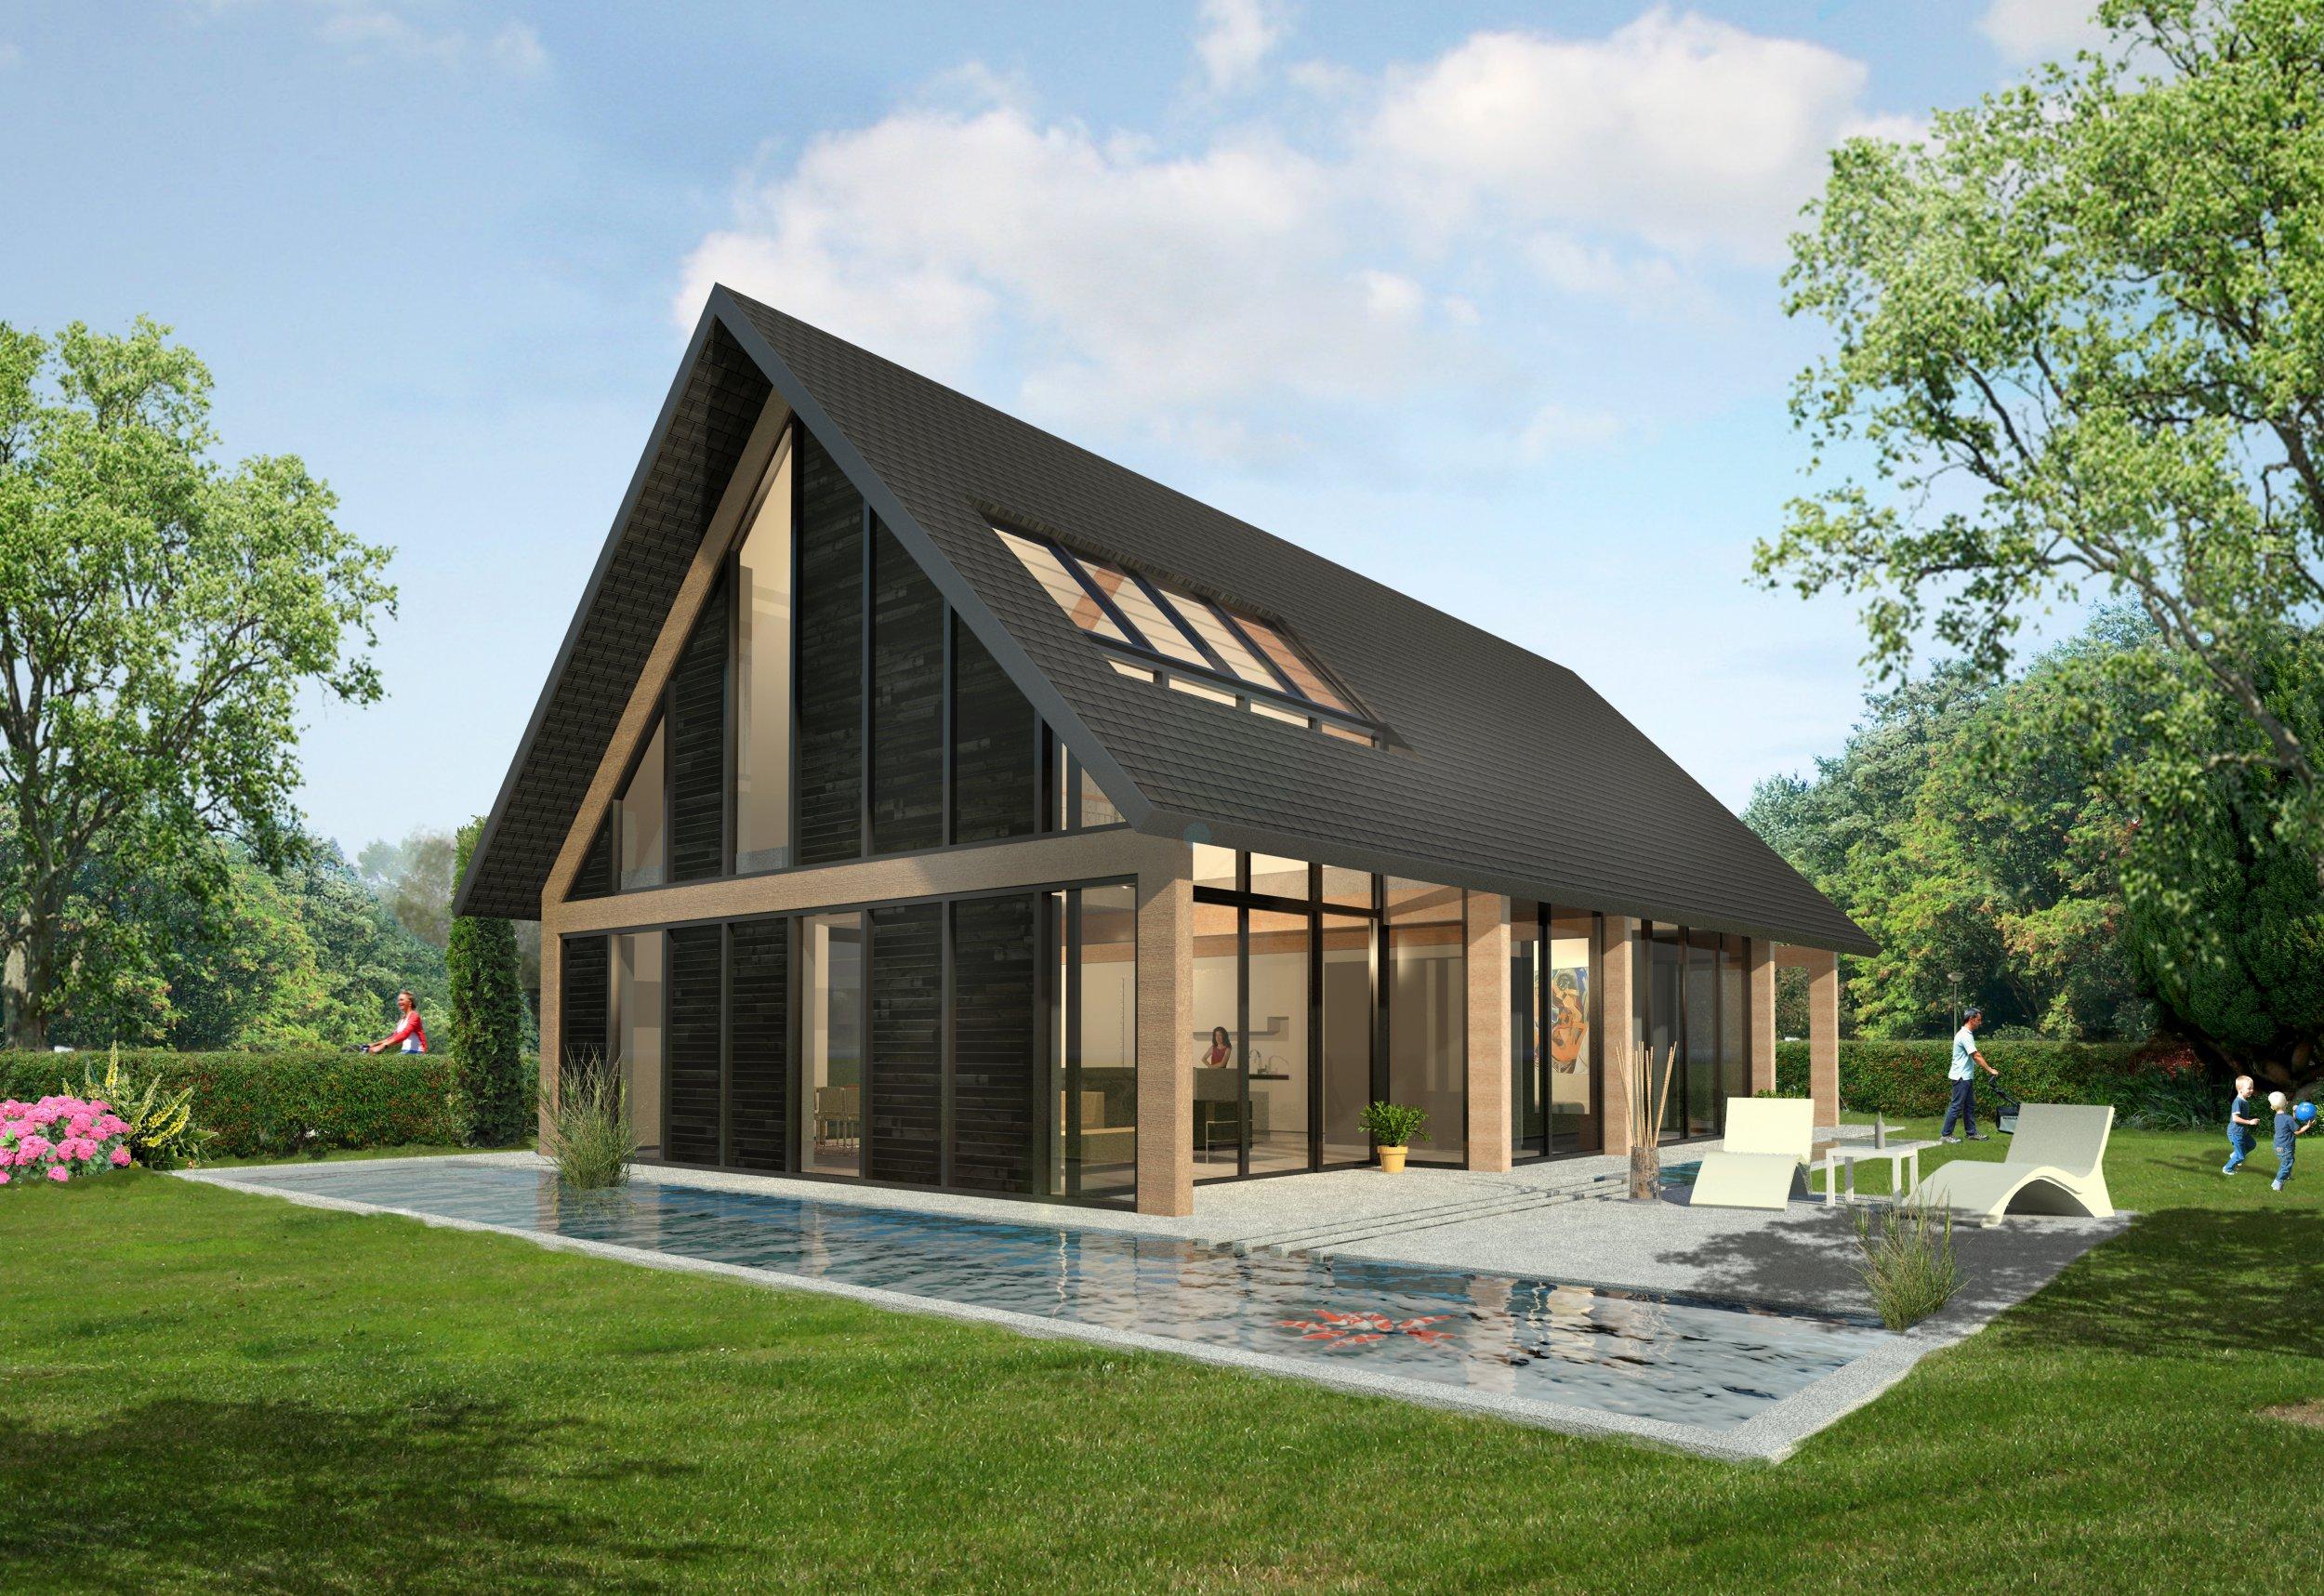 Schuurwoning projecten palazzo b v - Meer mooie houten huizen ...